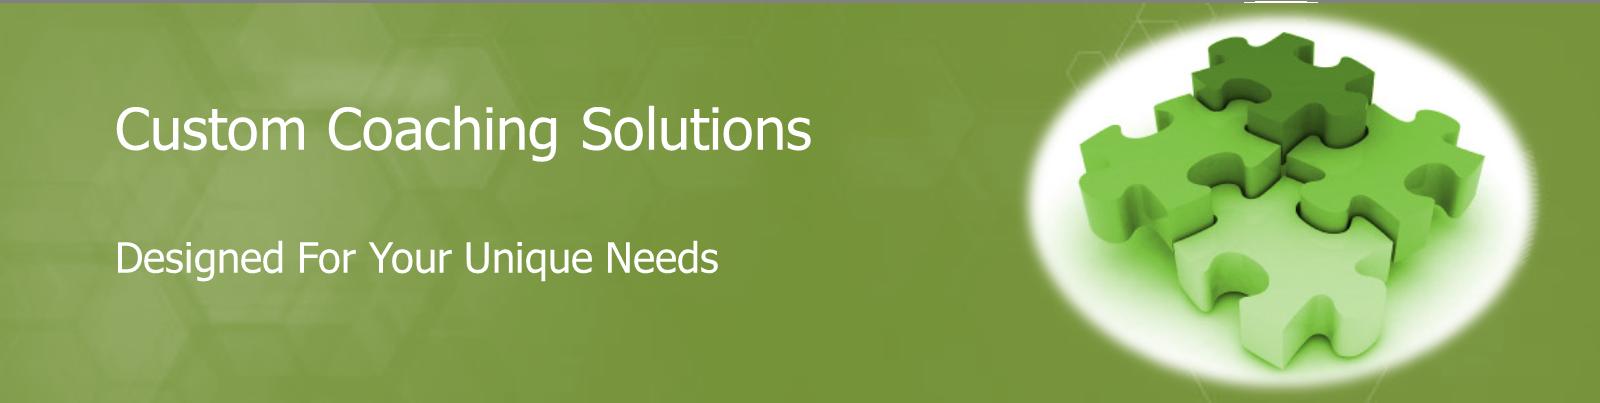 Cutsom Coaching Solutions